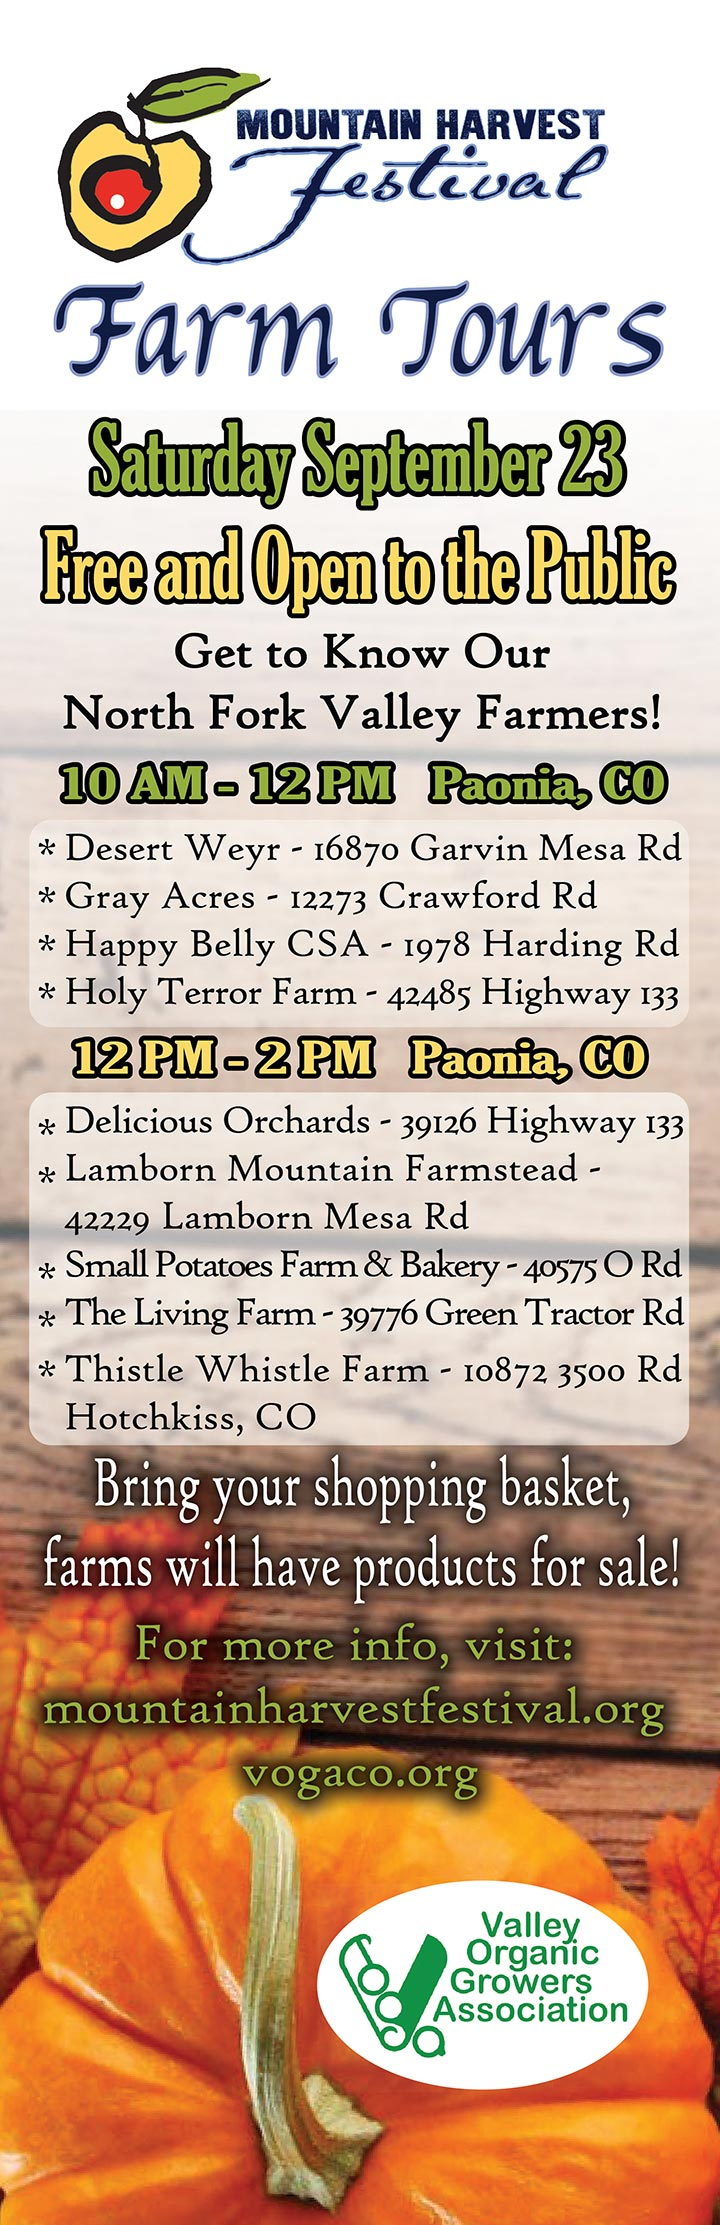 Mountain Harvest Farm Tours image